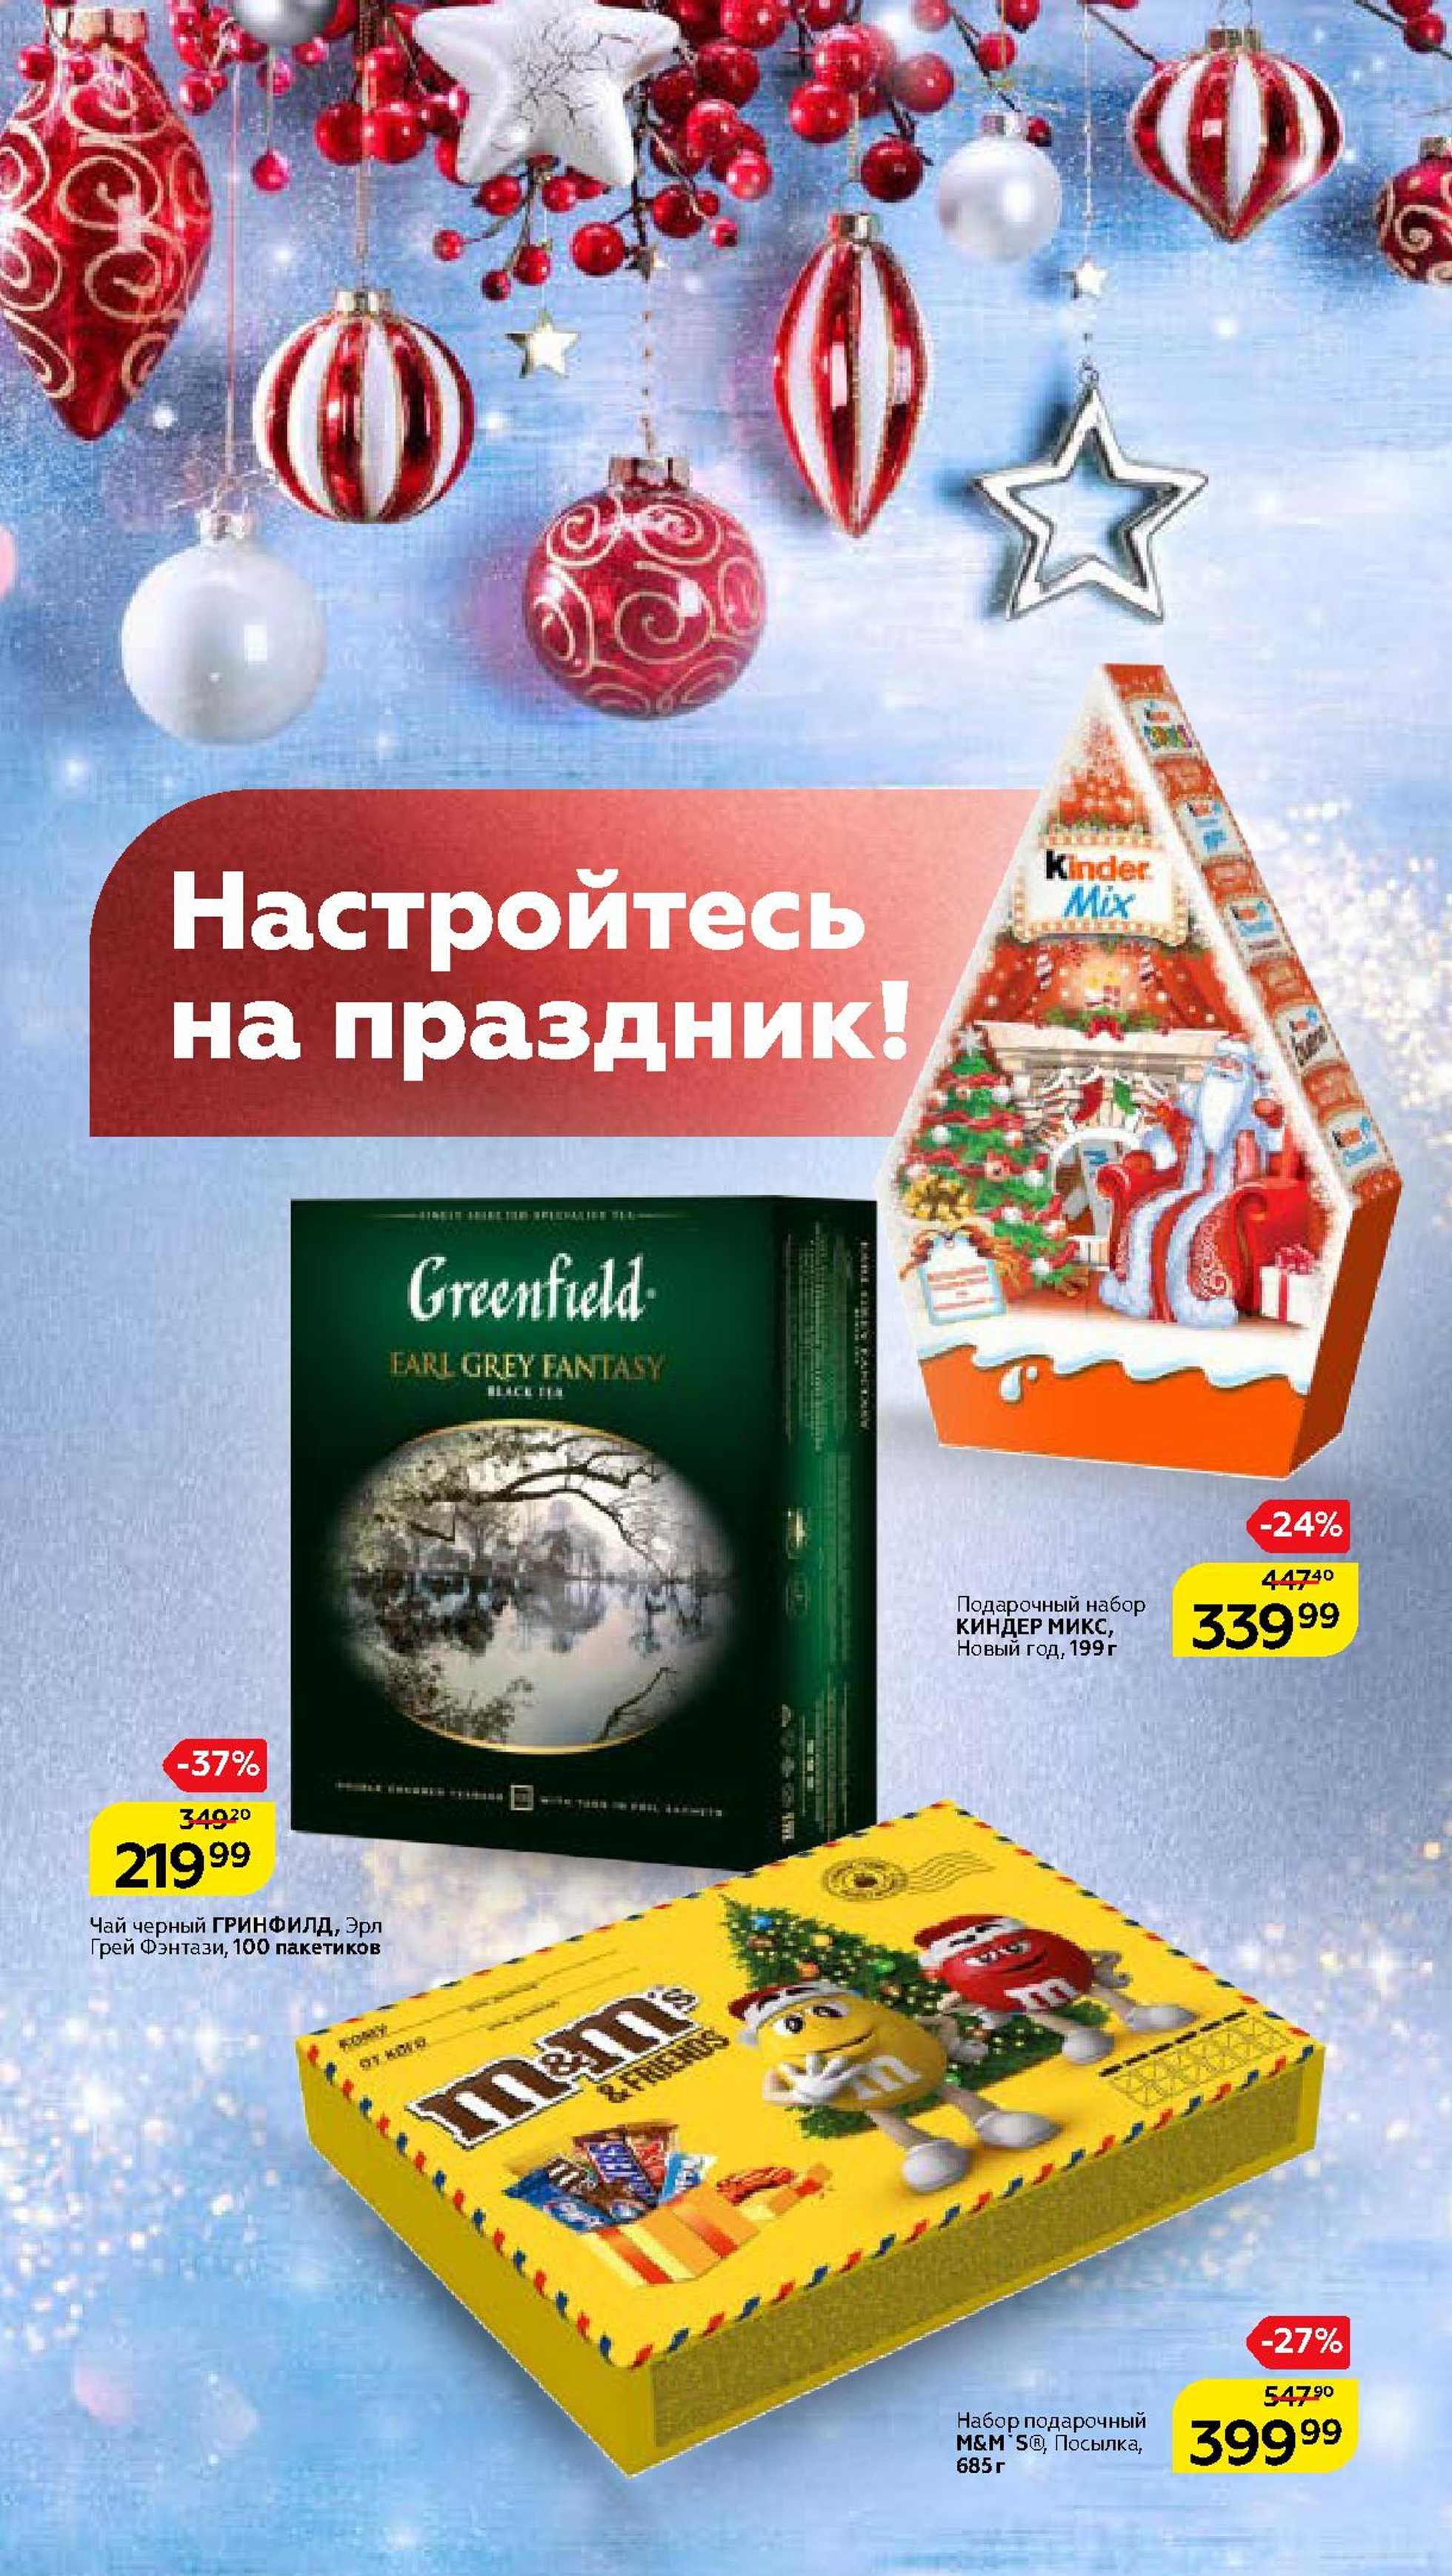 Магнит - каталог действителен с 19.11.2020 по 16.12.2020 - страница 2.